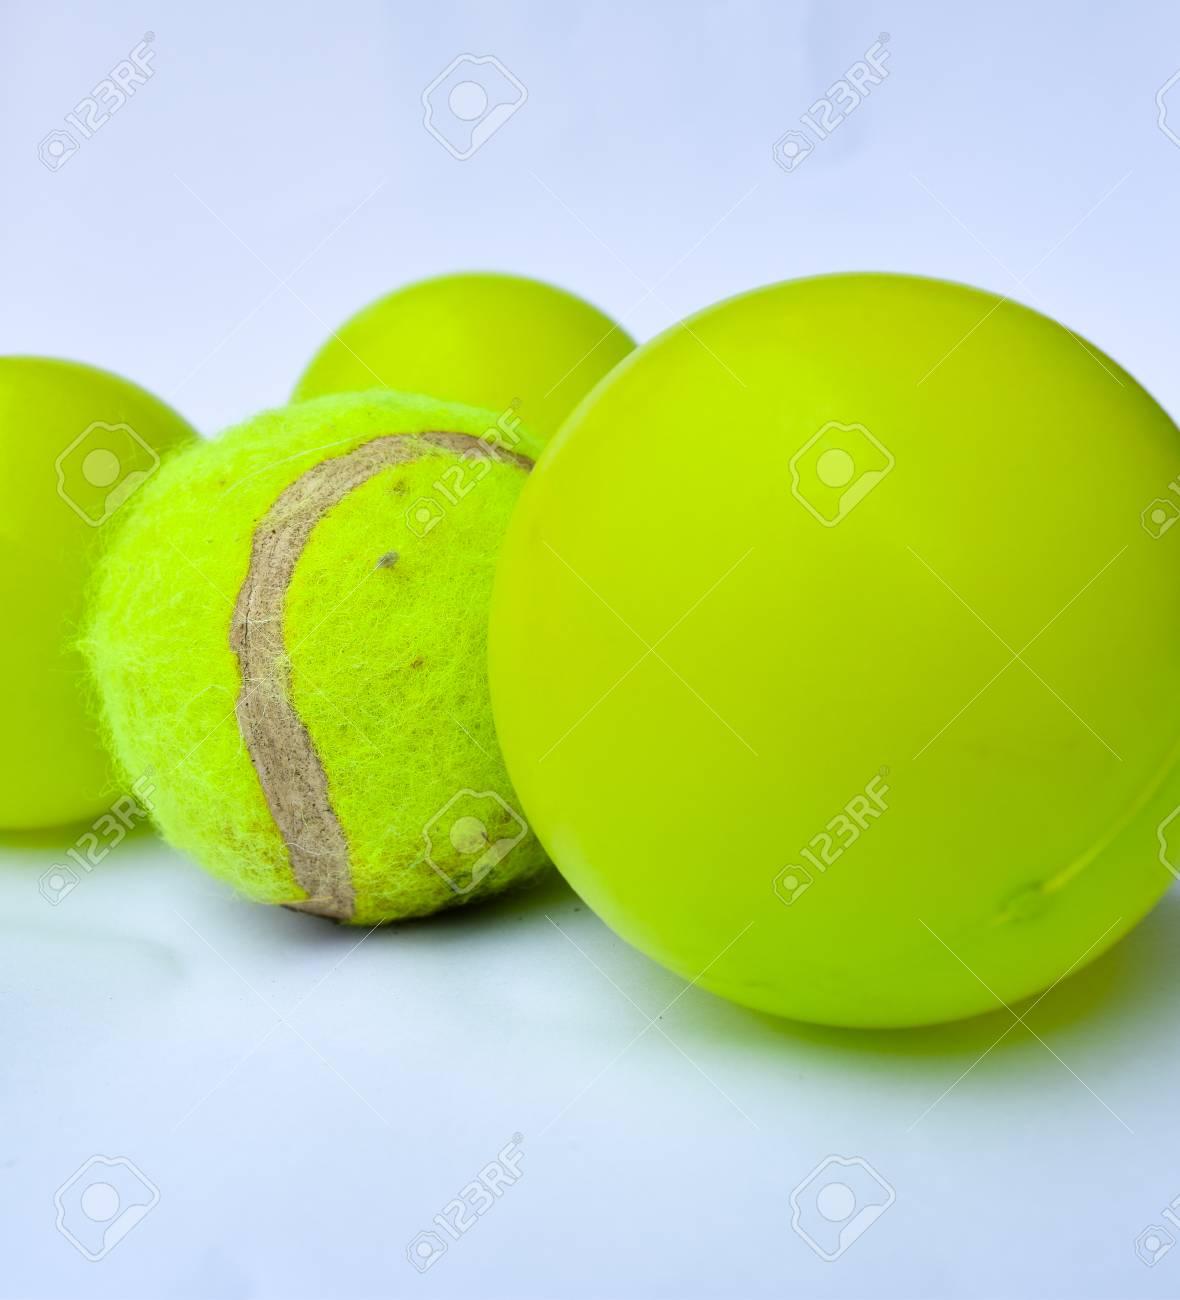 08d09074a8076 Balle de tennis et boules vertes sur fond blanc Banque d'images - 55446541